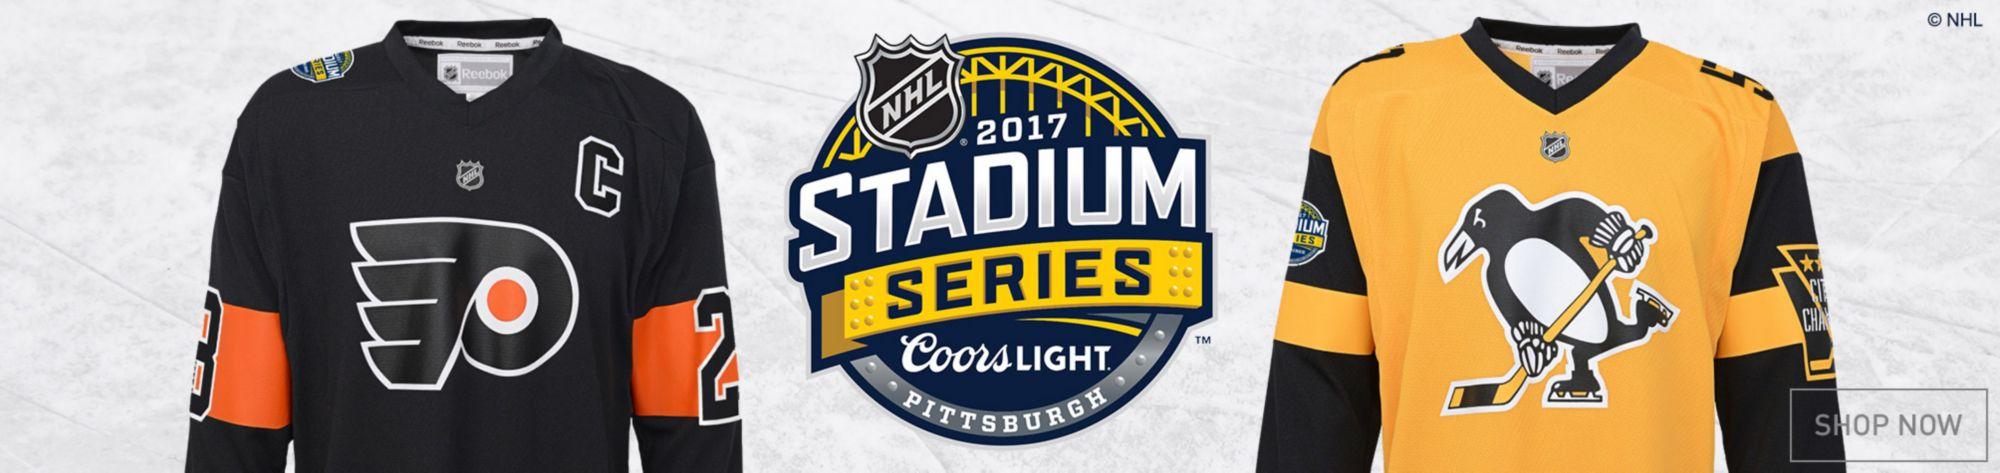 2017 Stadium Series